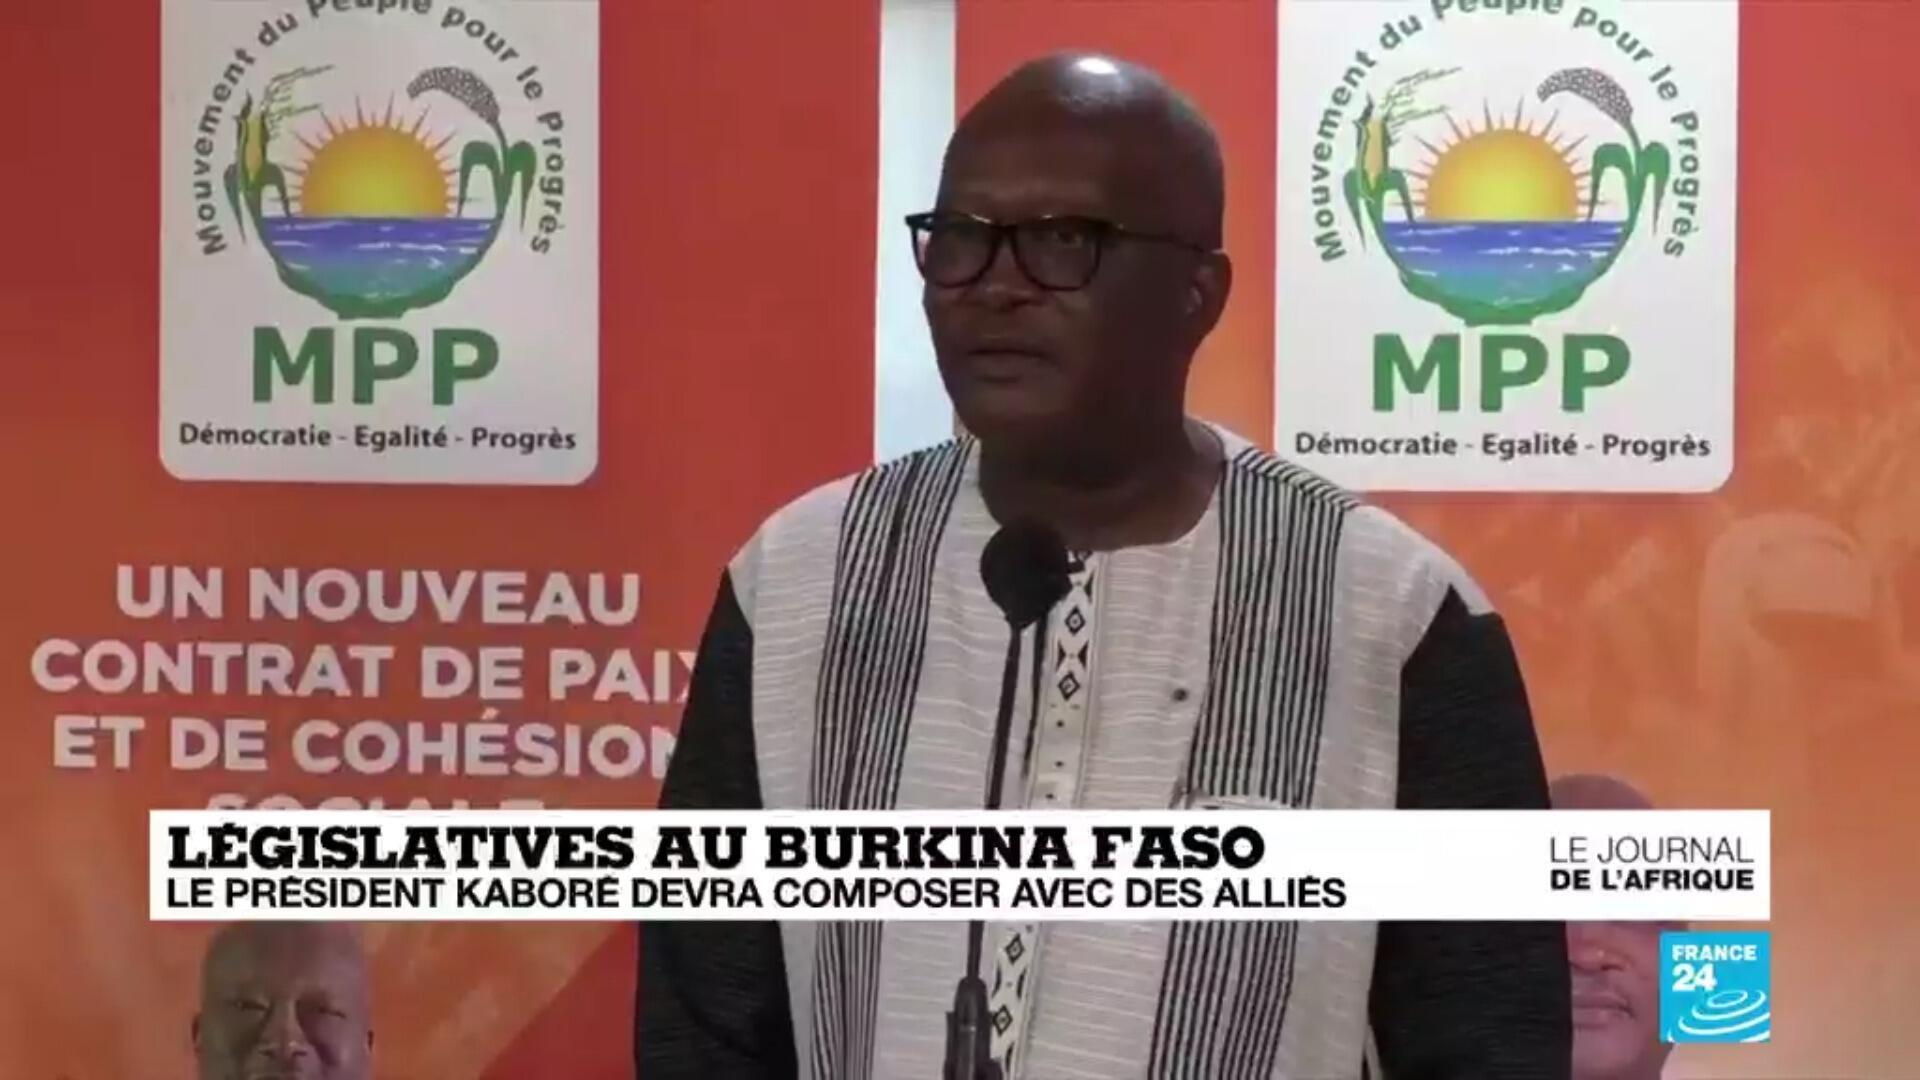 La président du Burkina Faso, Roch Kaboré, réélu pour un second mandat